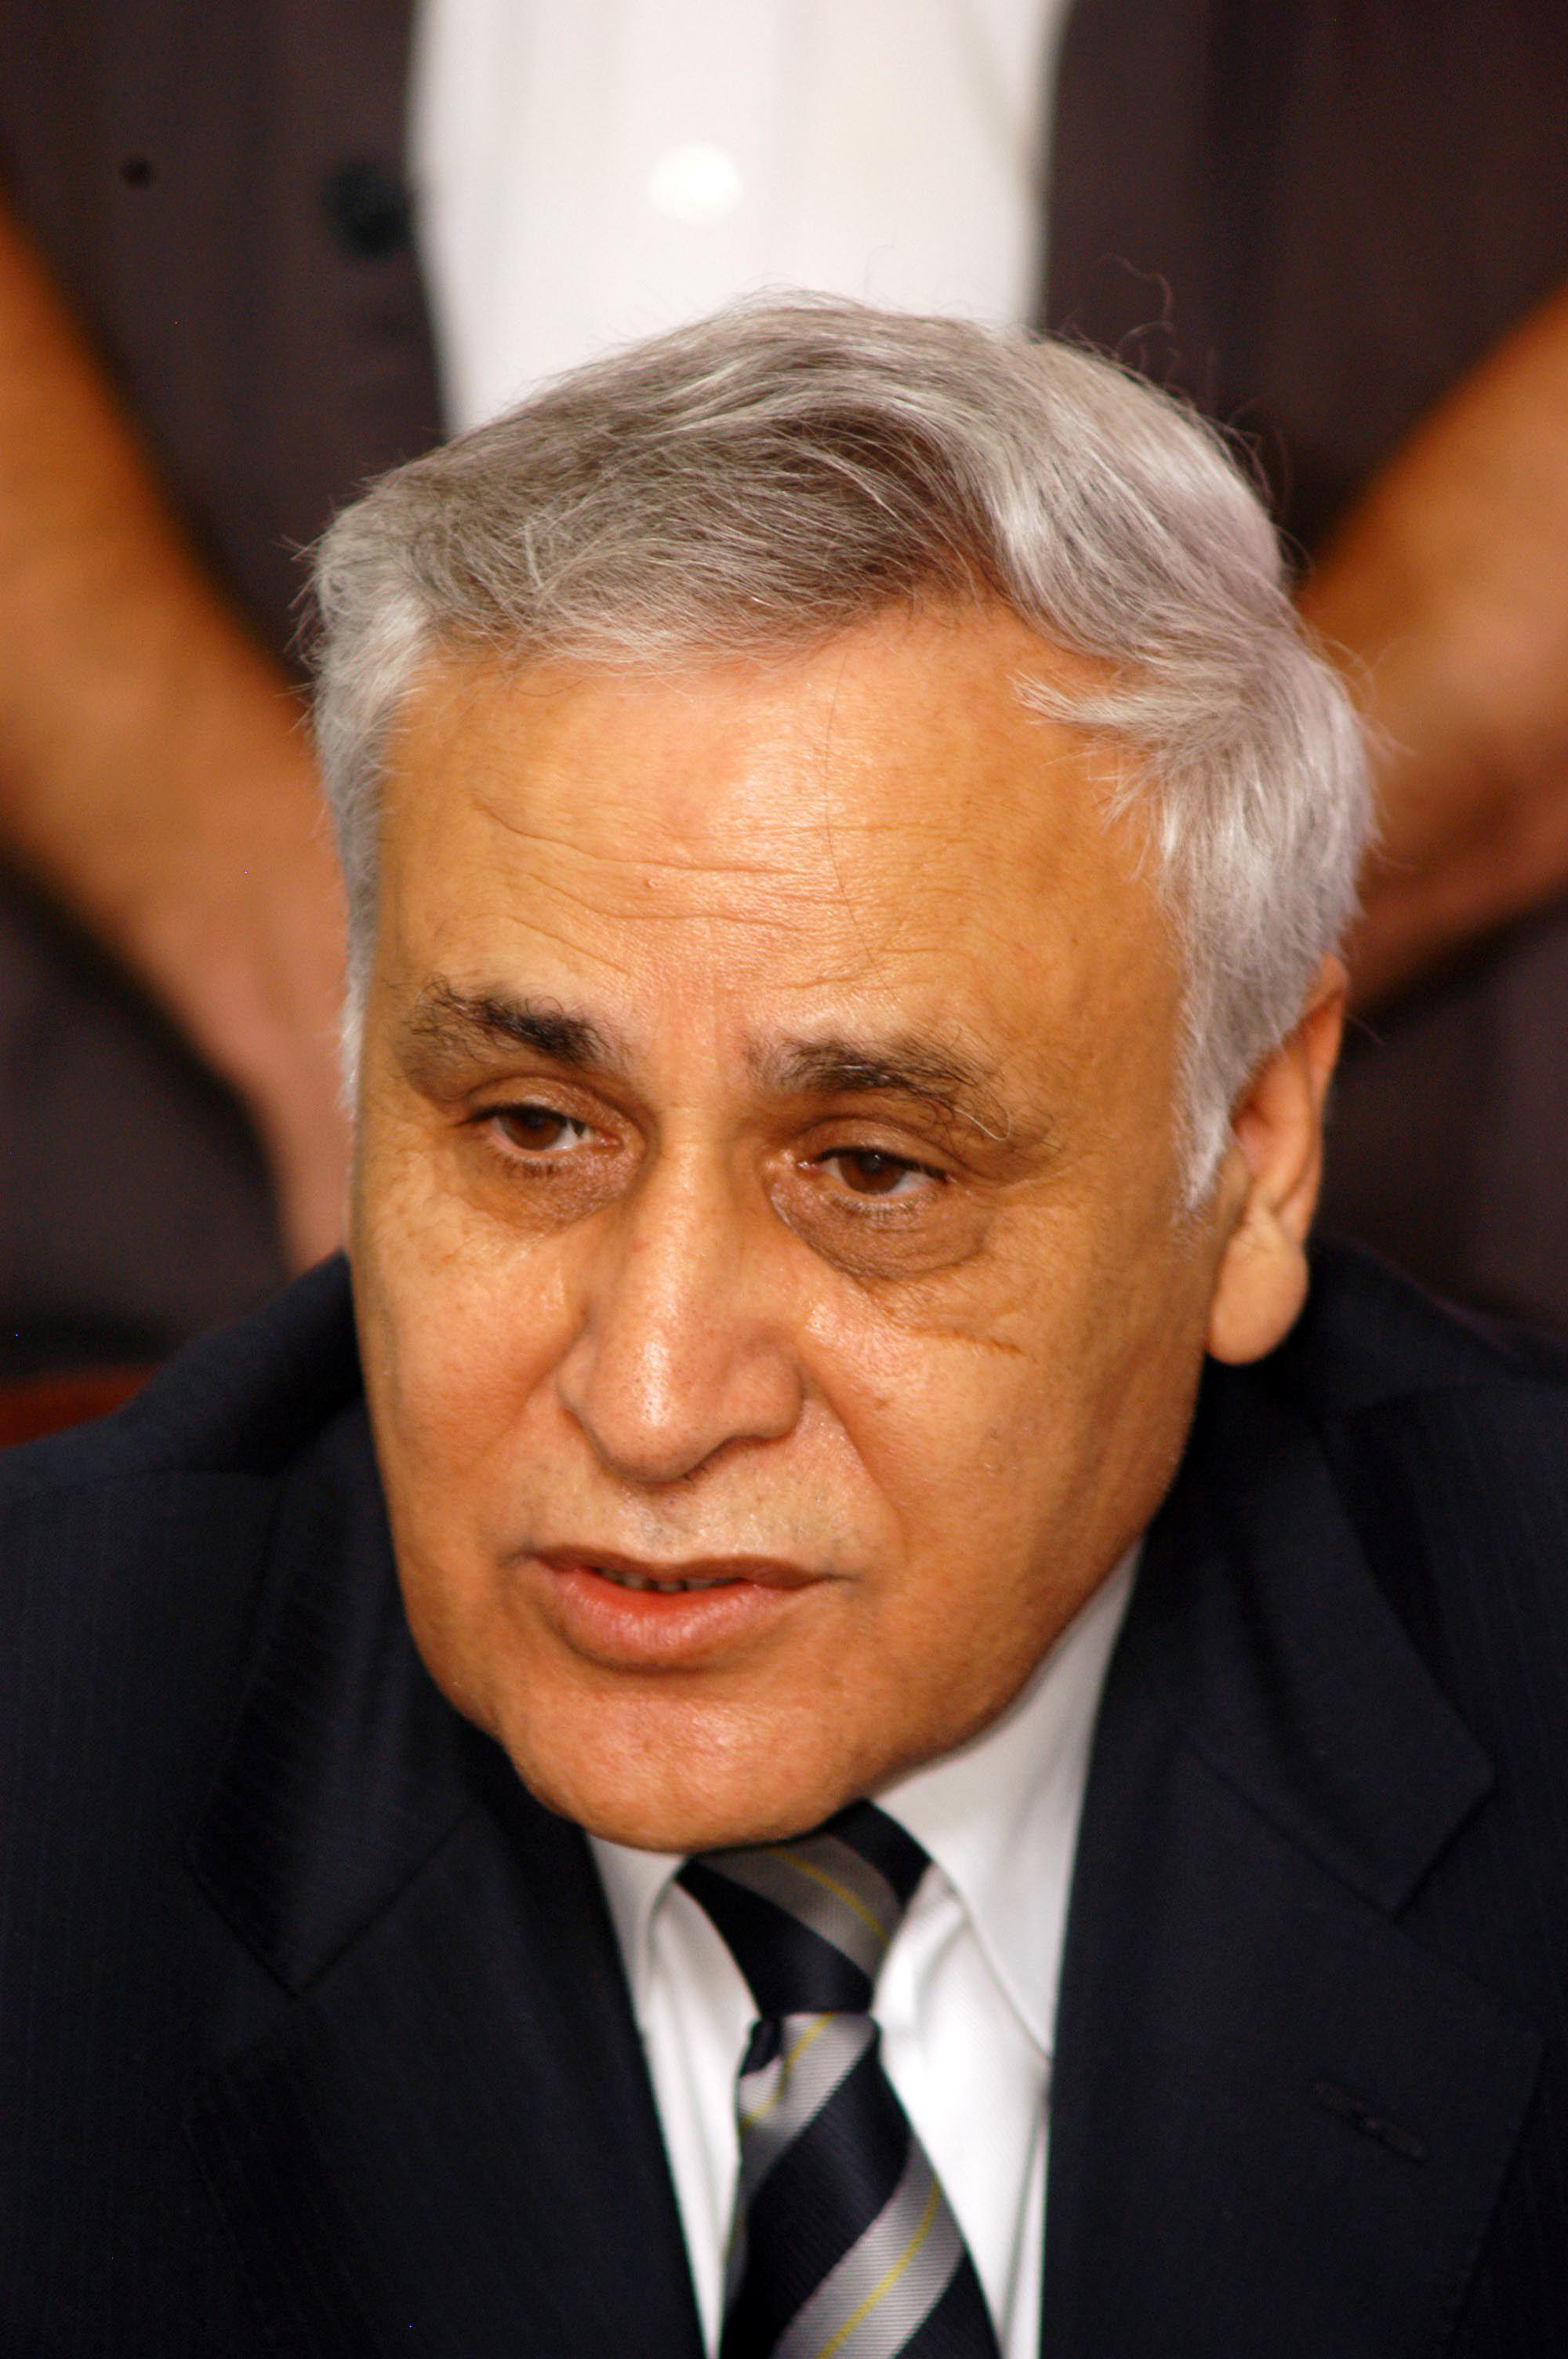 1. Moshe Katsav